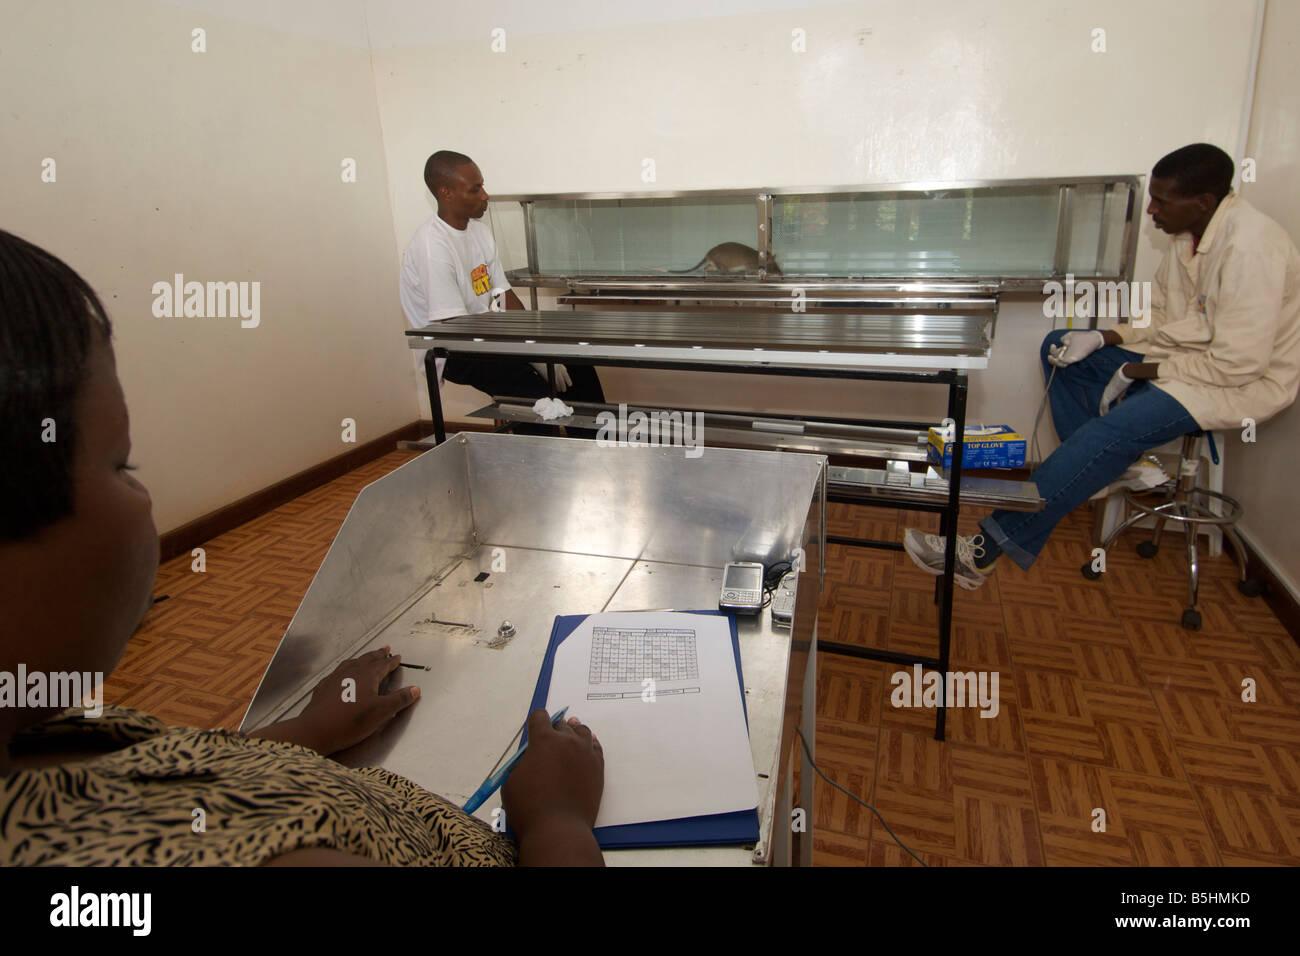 Labor-Ausbildung von Held Ratten von APOPO Organisation, TNT in Blindgänger zu erkennen. Stockbild